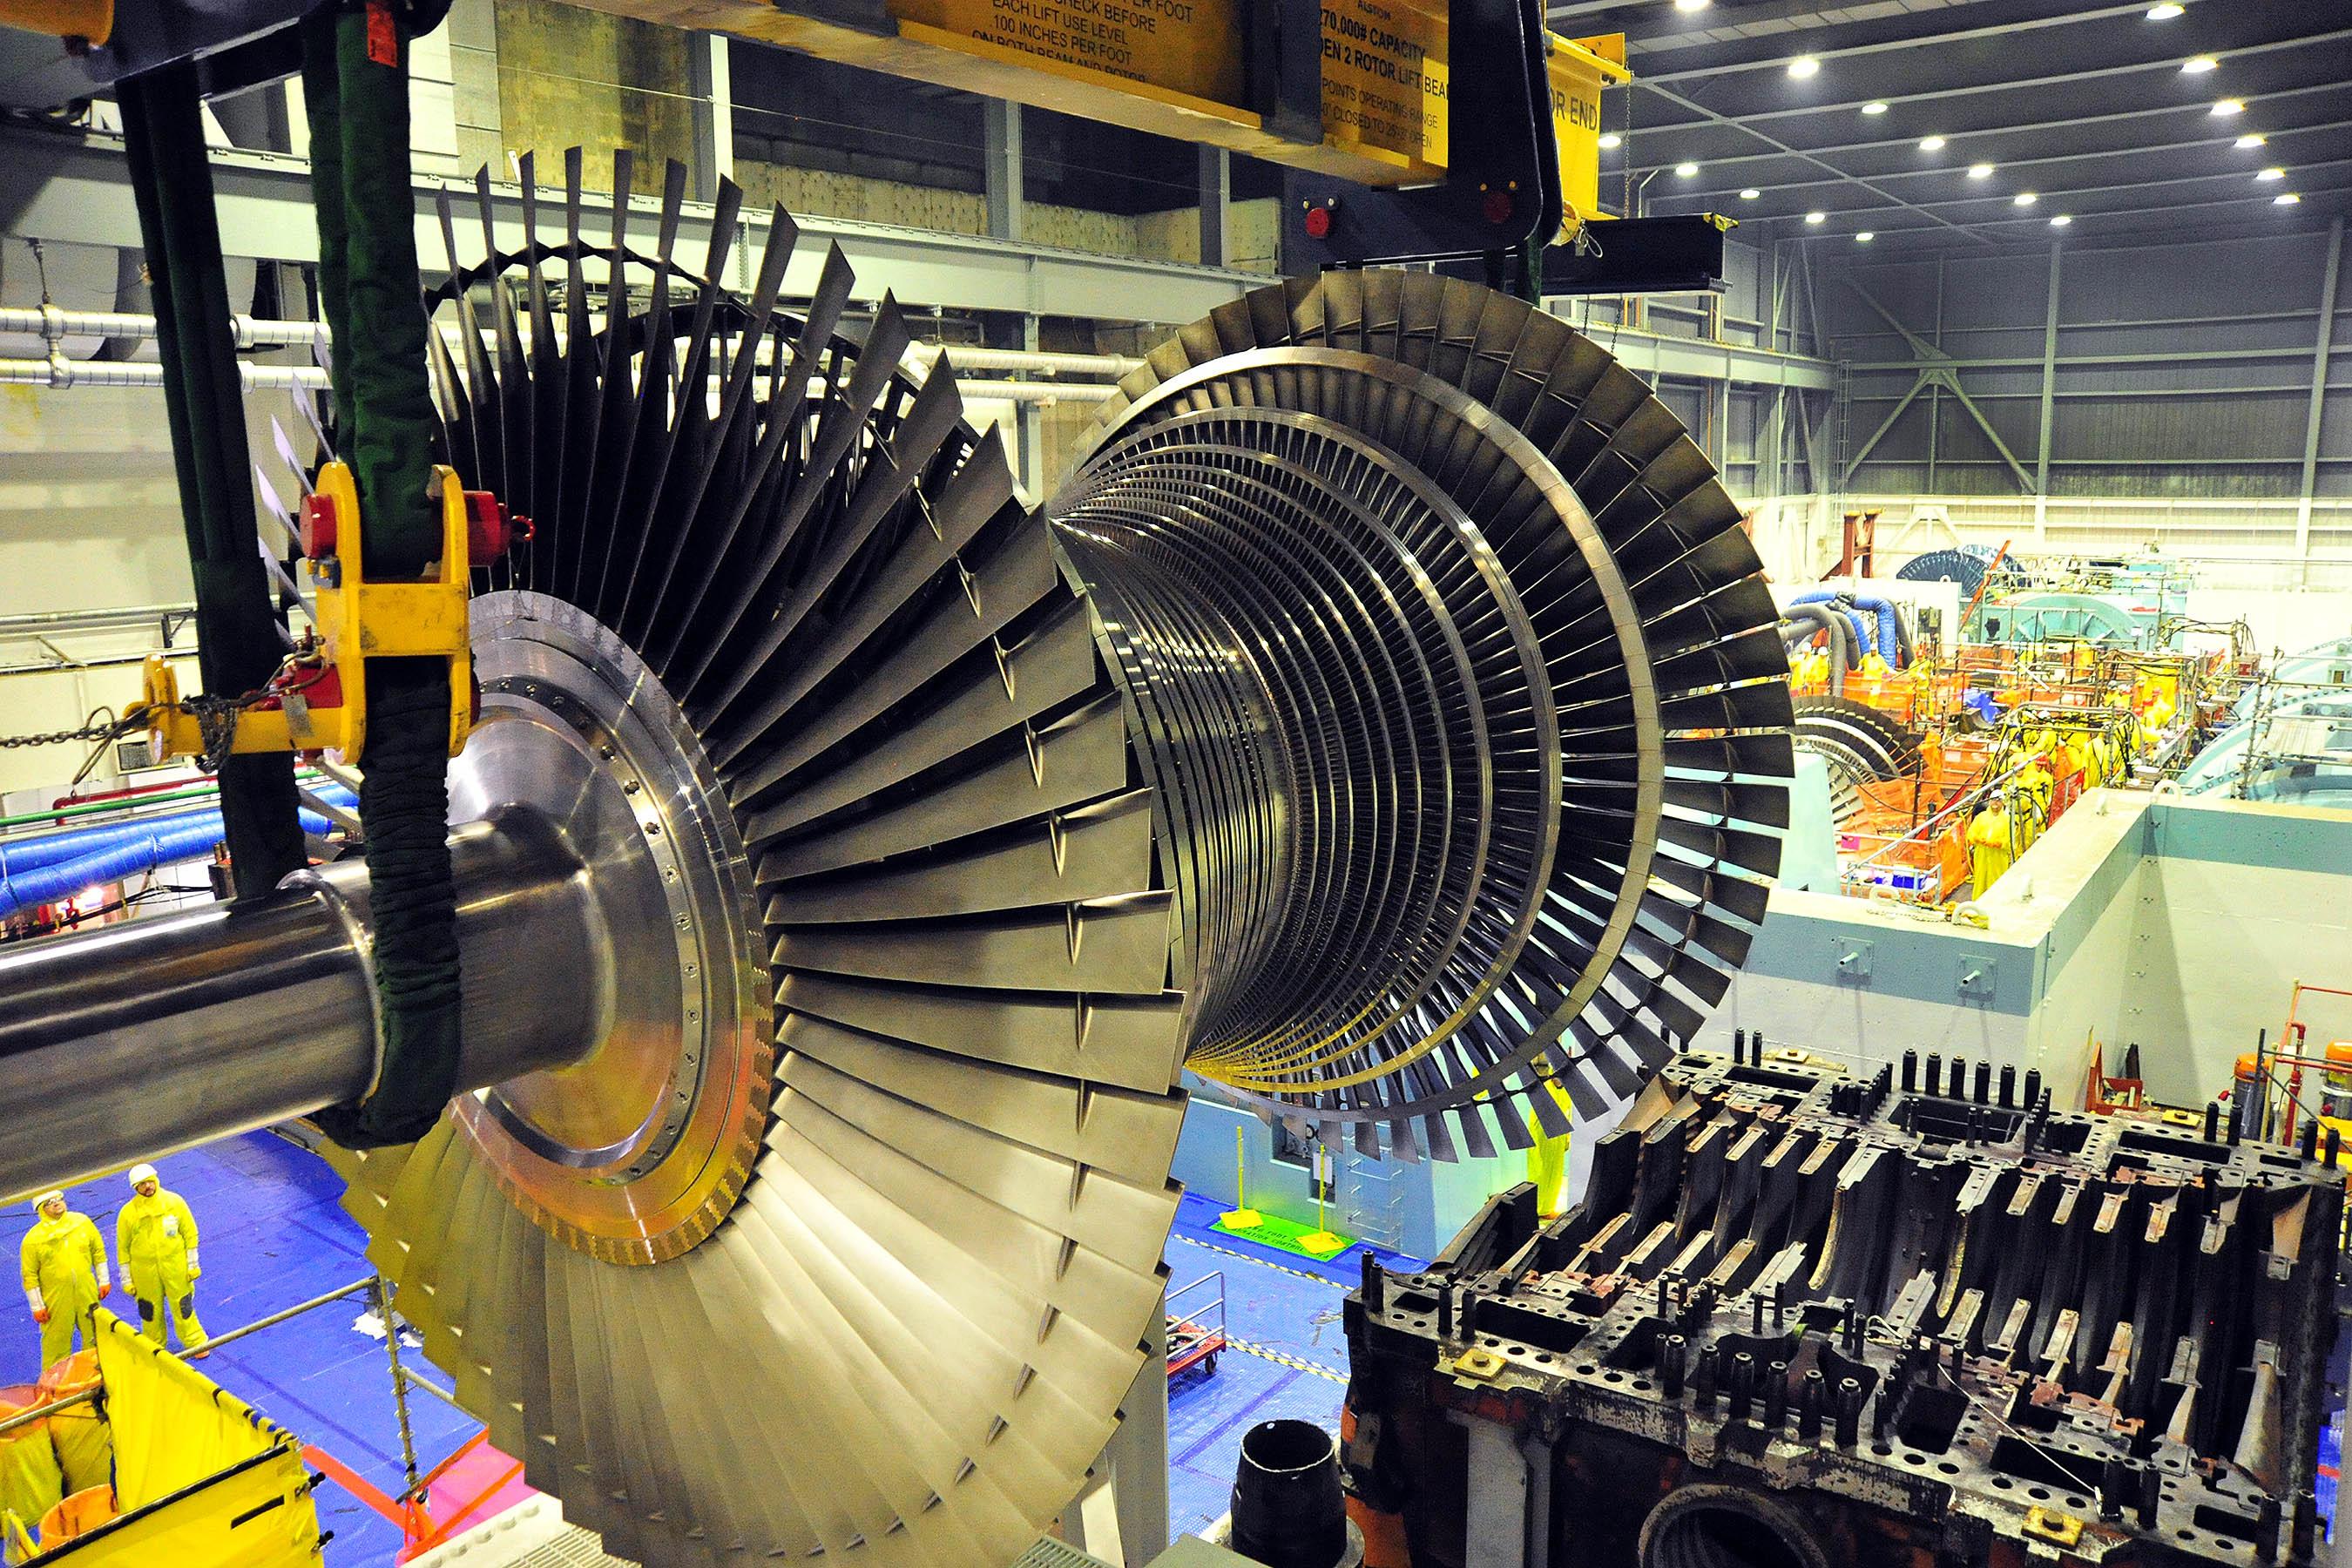 Elliott Tanner Inside a Nuclear Reactor by Elliott Tanner